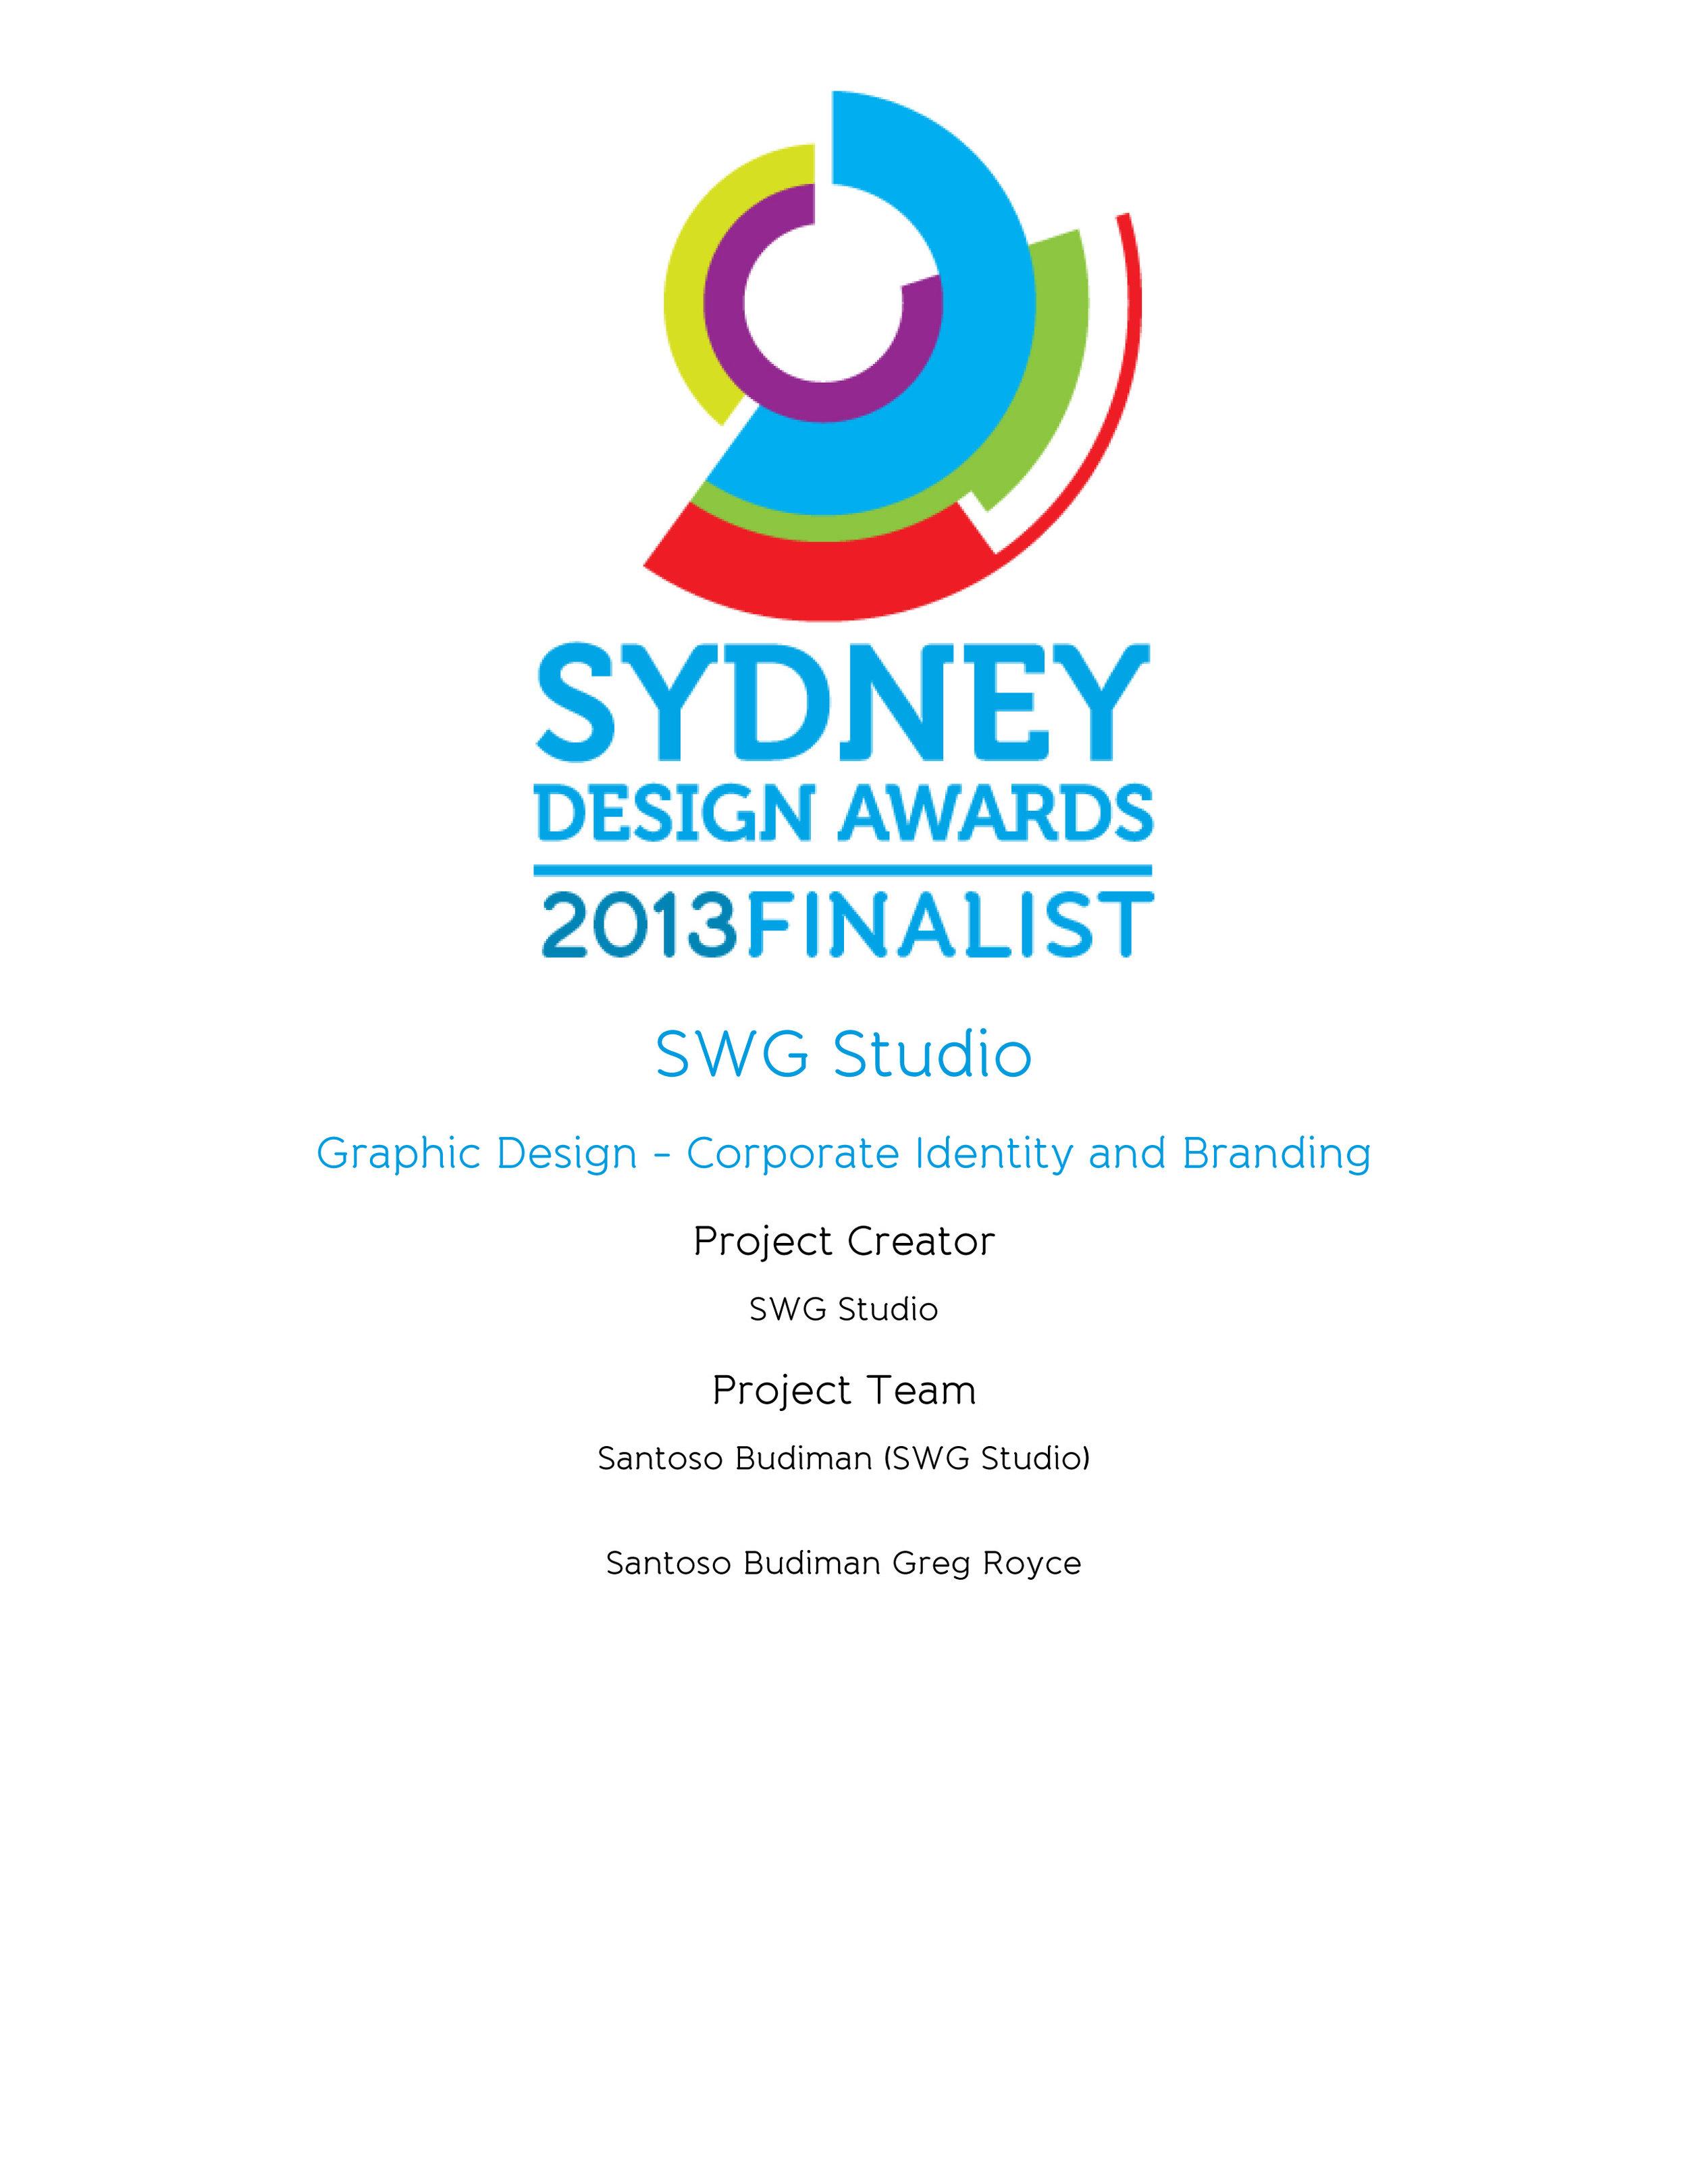 2013_SYDNEY DESIGN AWARDS_SWG STUDIO_SANTOSO BUDIMAN_GREG ROYCE.jpg